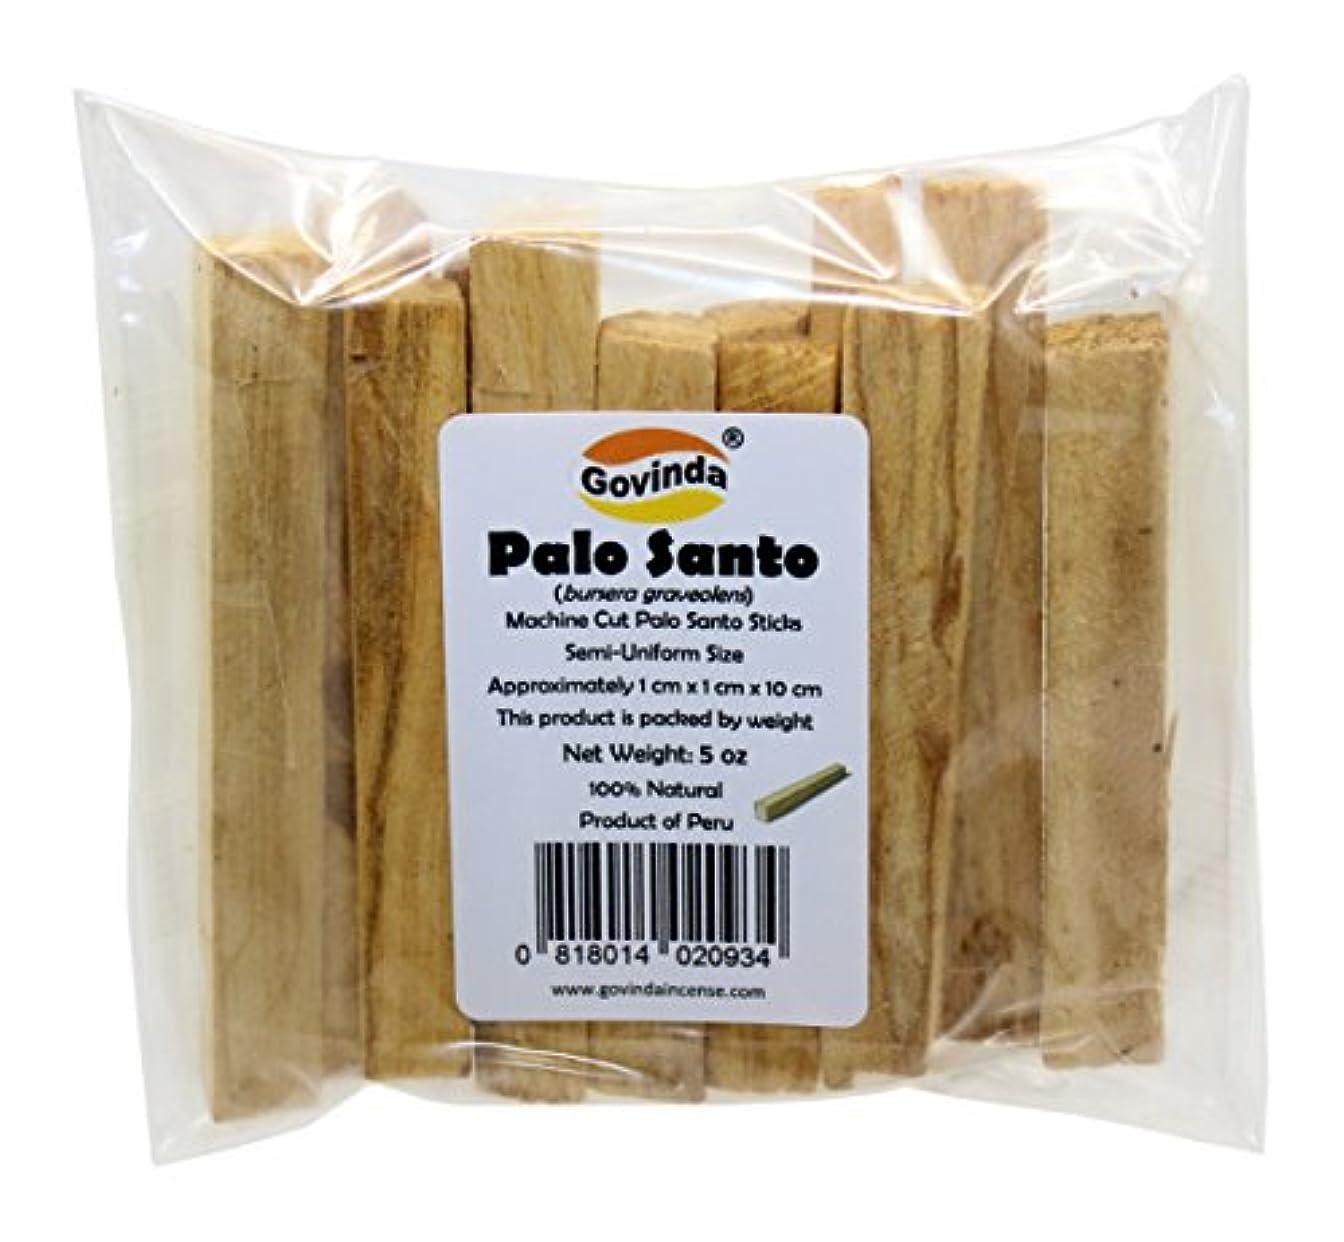 ラベルスチュアート島ルネッサンスGovindaプレミアムPalo Santo Holy Wood Incense Sticks 5オンスパックfor purifying、クレンジング、ヒーリング、瞑想、Stress Relief。100 %天然